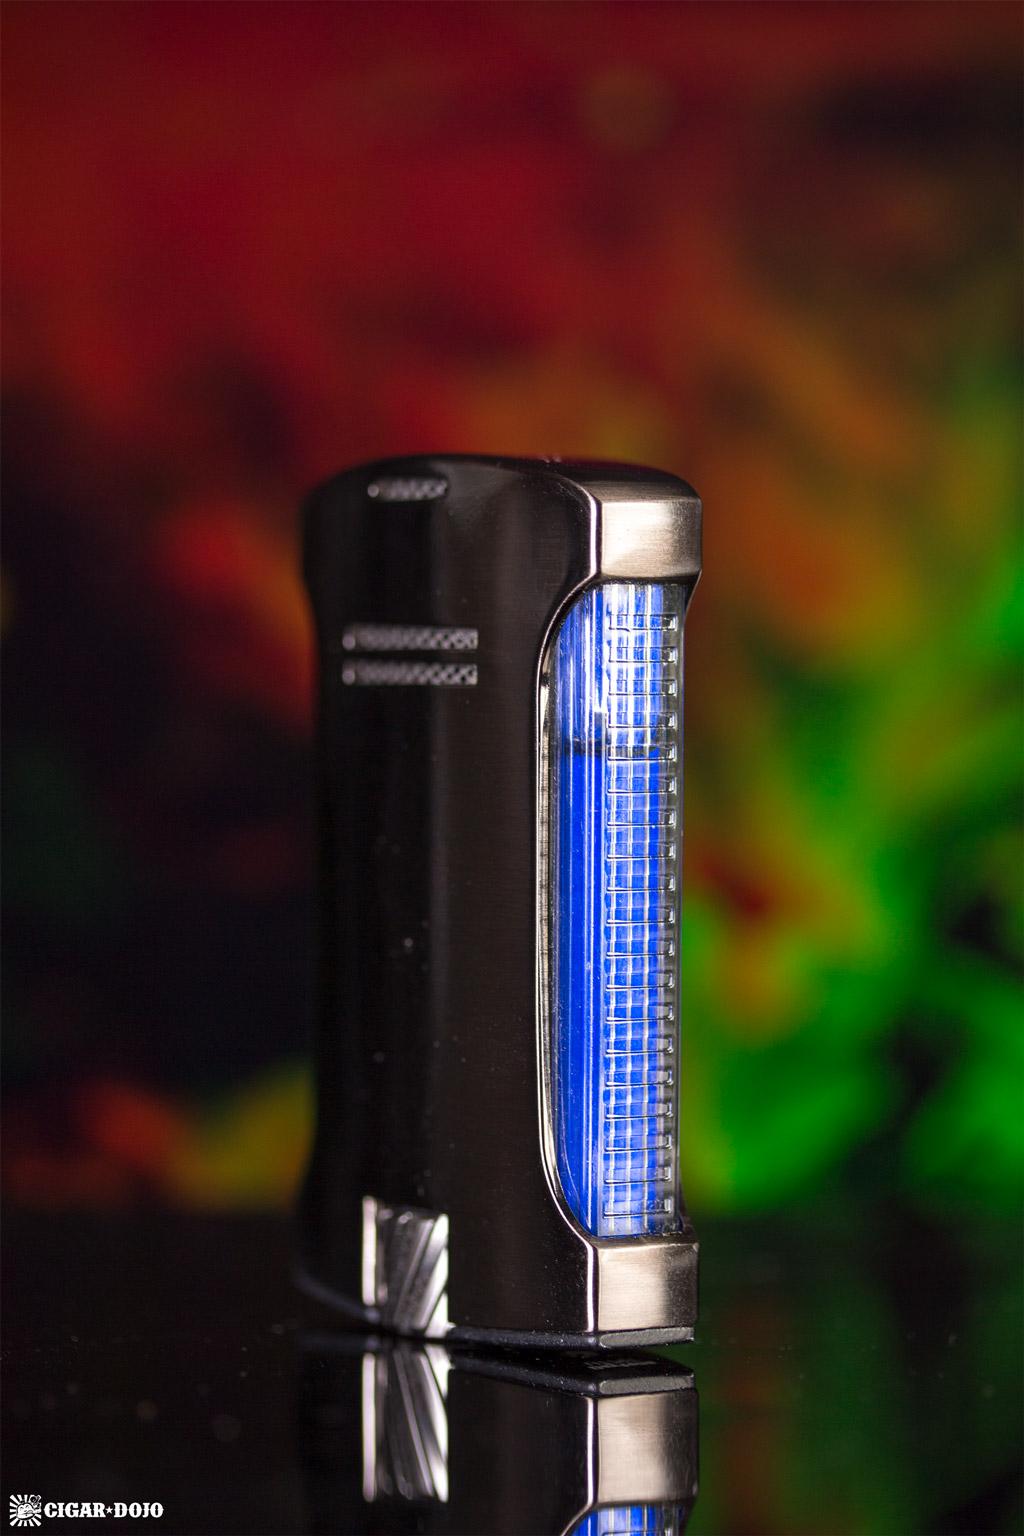 Colibri Daytona Single Jet Flame Lighter Review Cigar Dojo